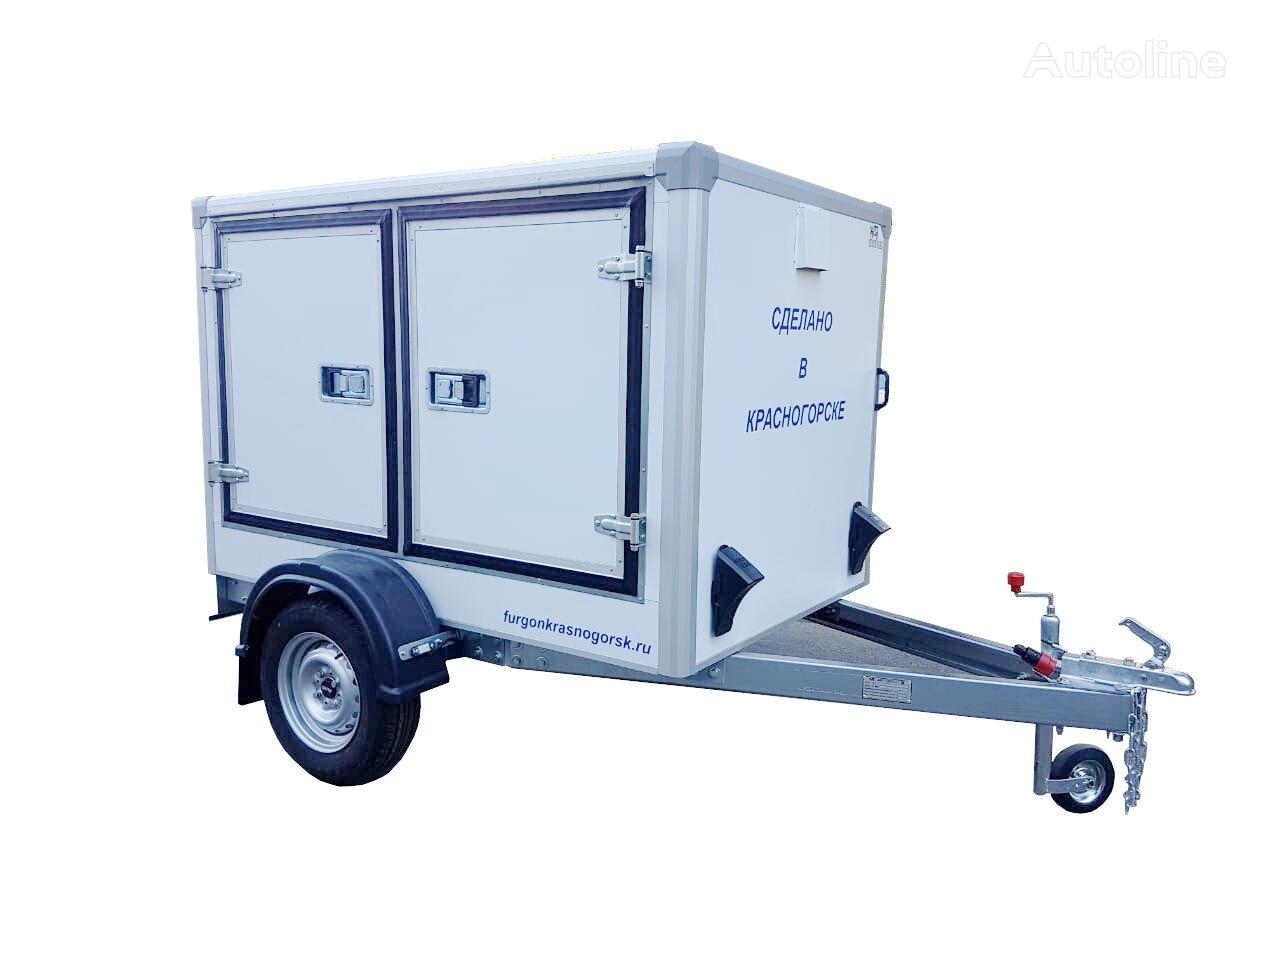 ISTOK 3792M4 vending trailer